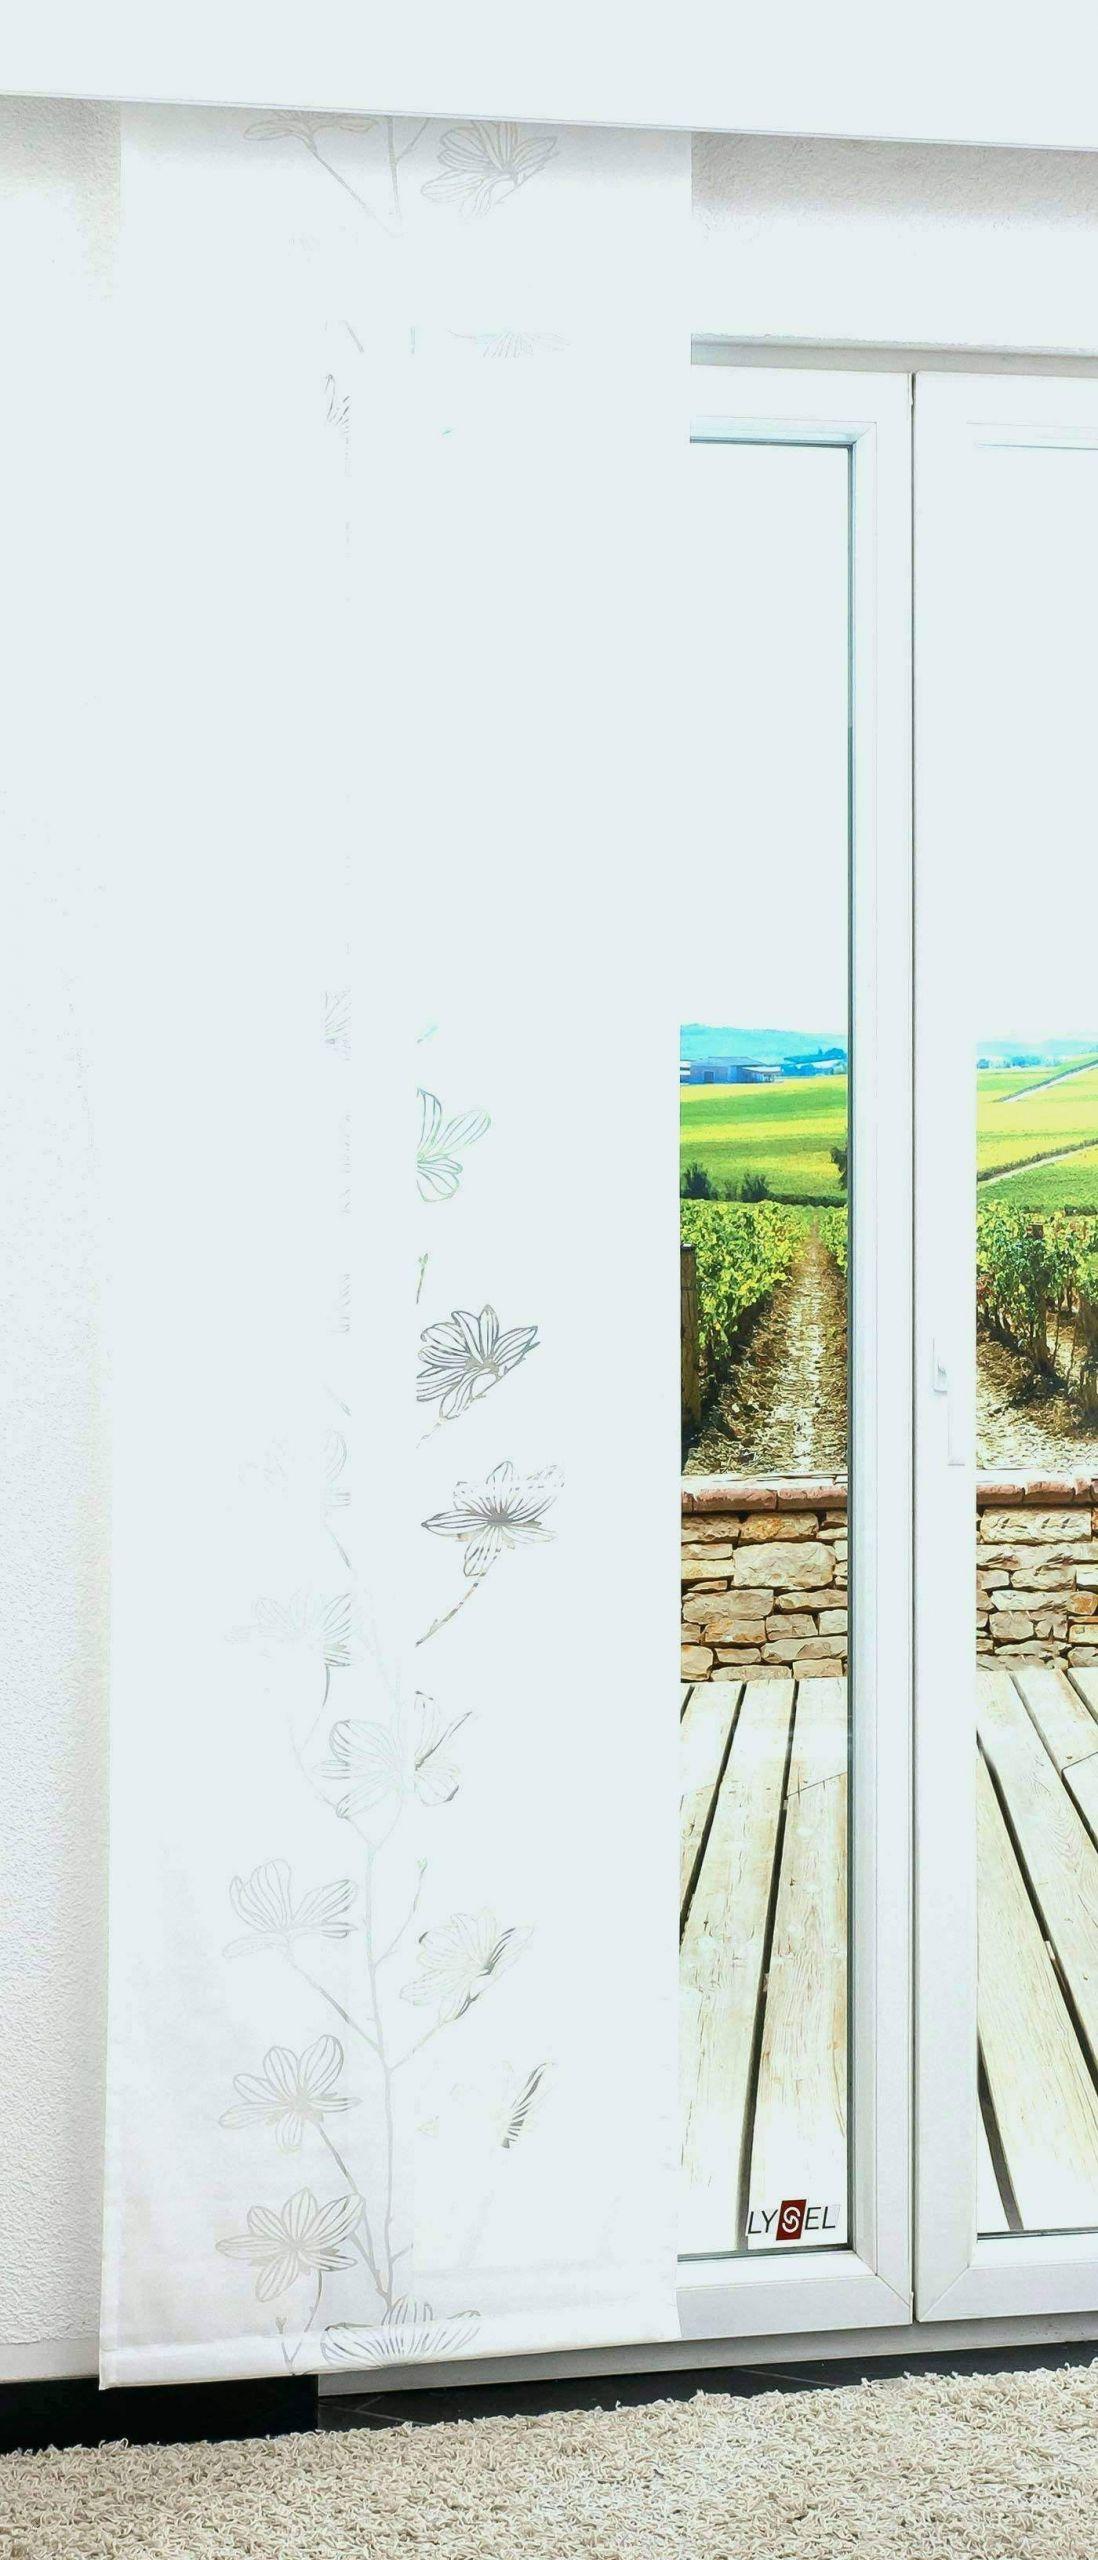 deko ideen selbermachen wohnzimmer reizend wohnzimmer deko zum selber machen inspirierend of deko ideen selbermachen wohnzimmer